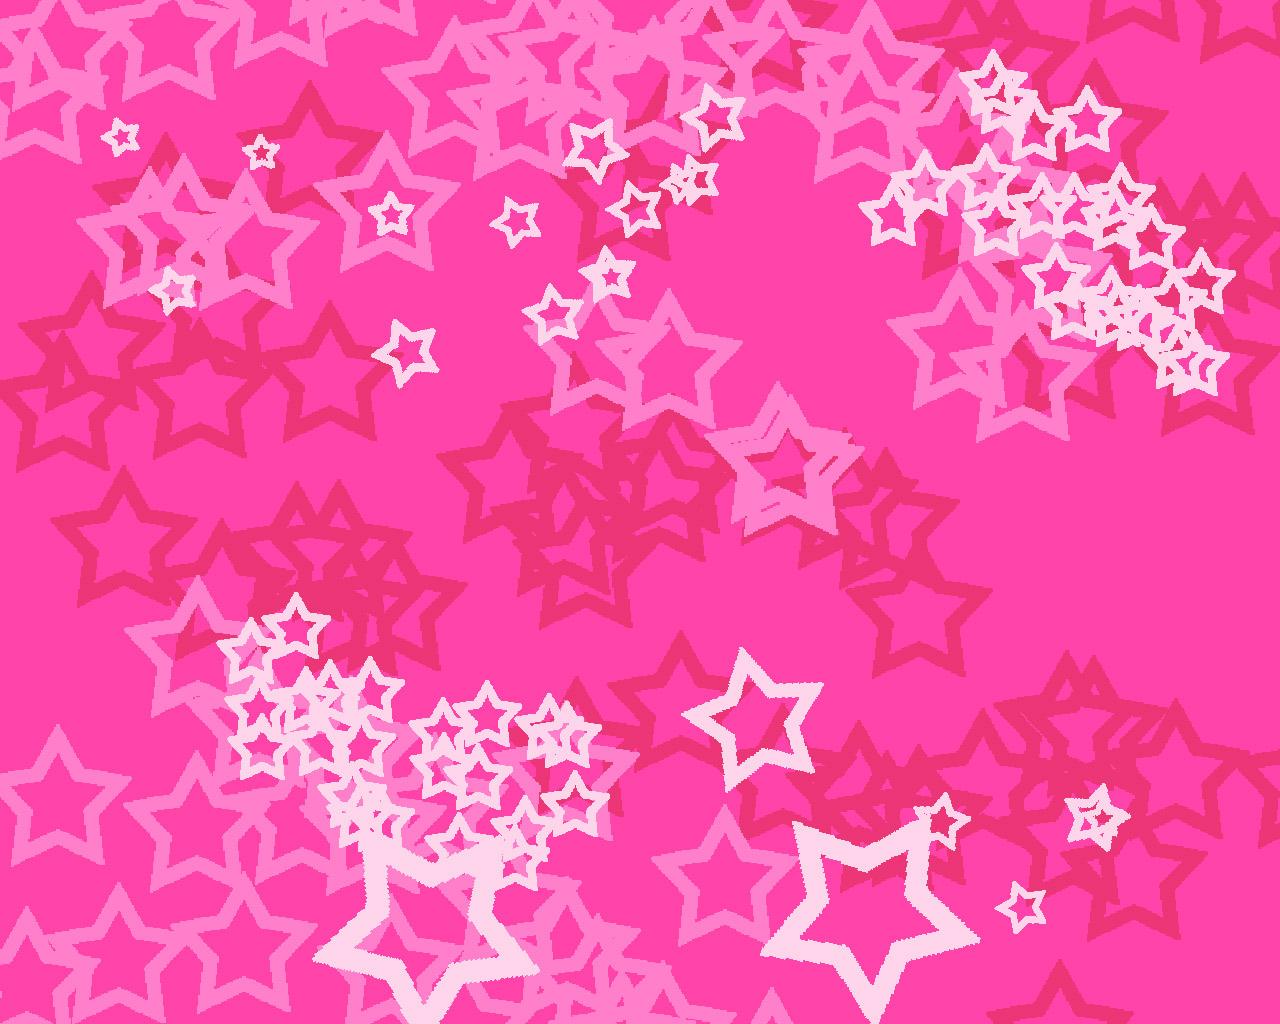 Description Pink HD Wallpaper is a hi res Wallpaper for pc desktops 1280x1024